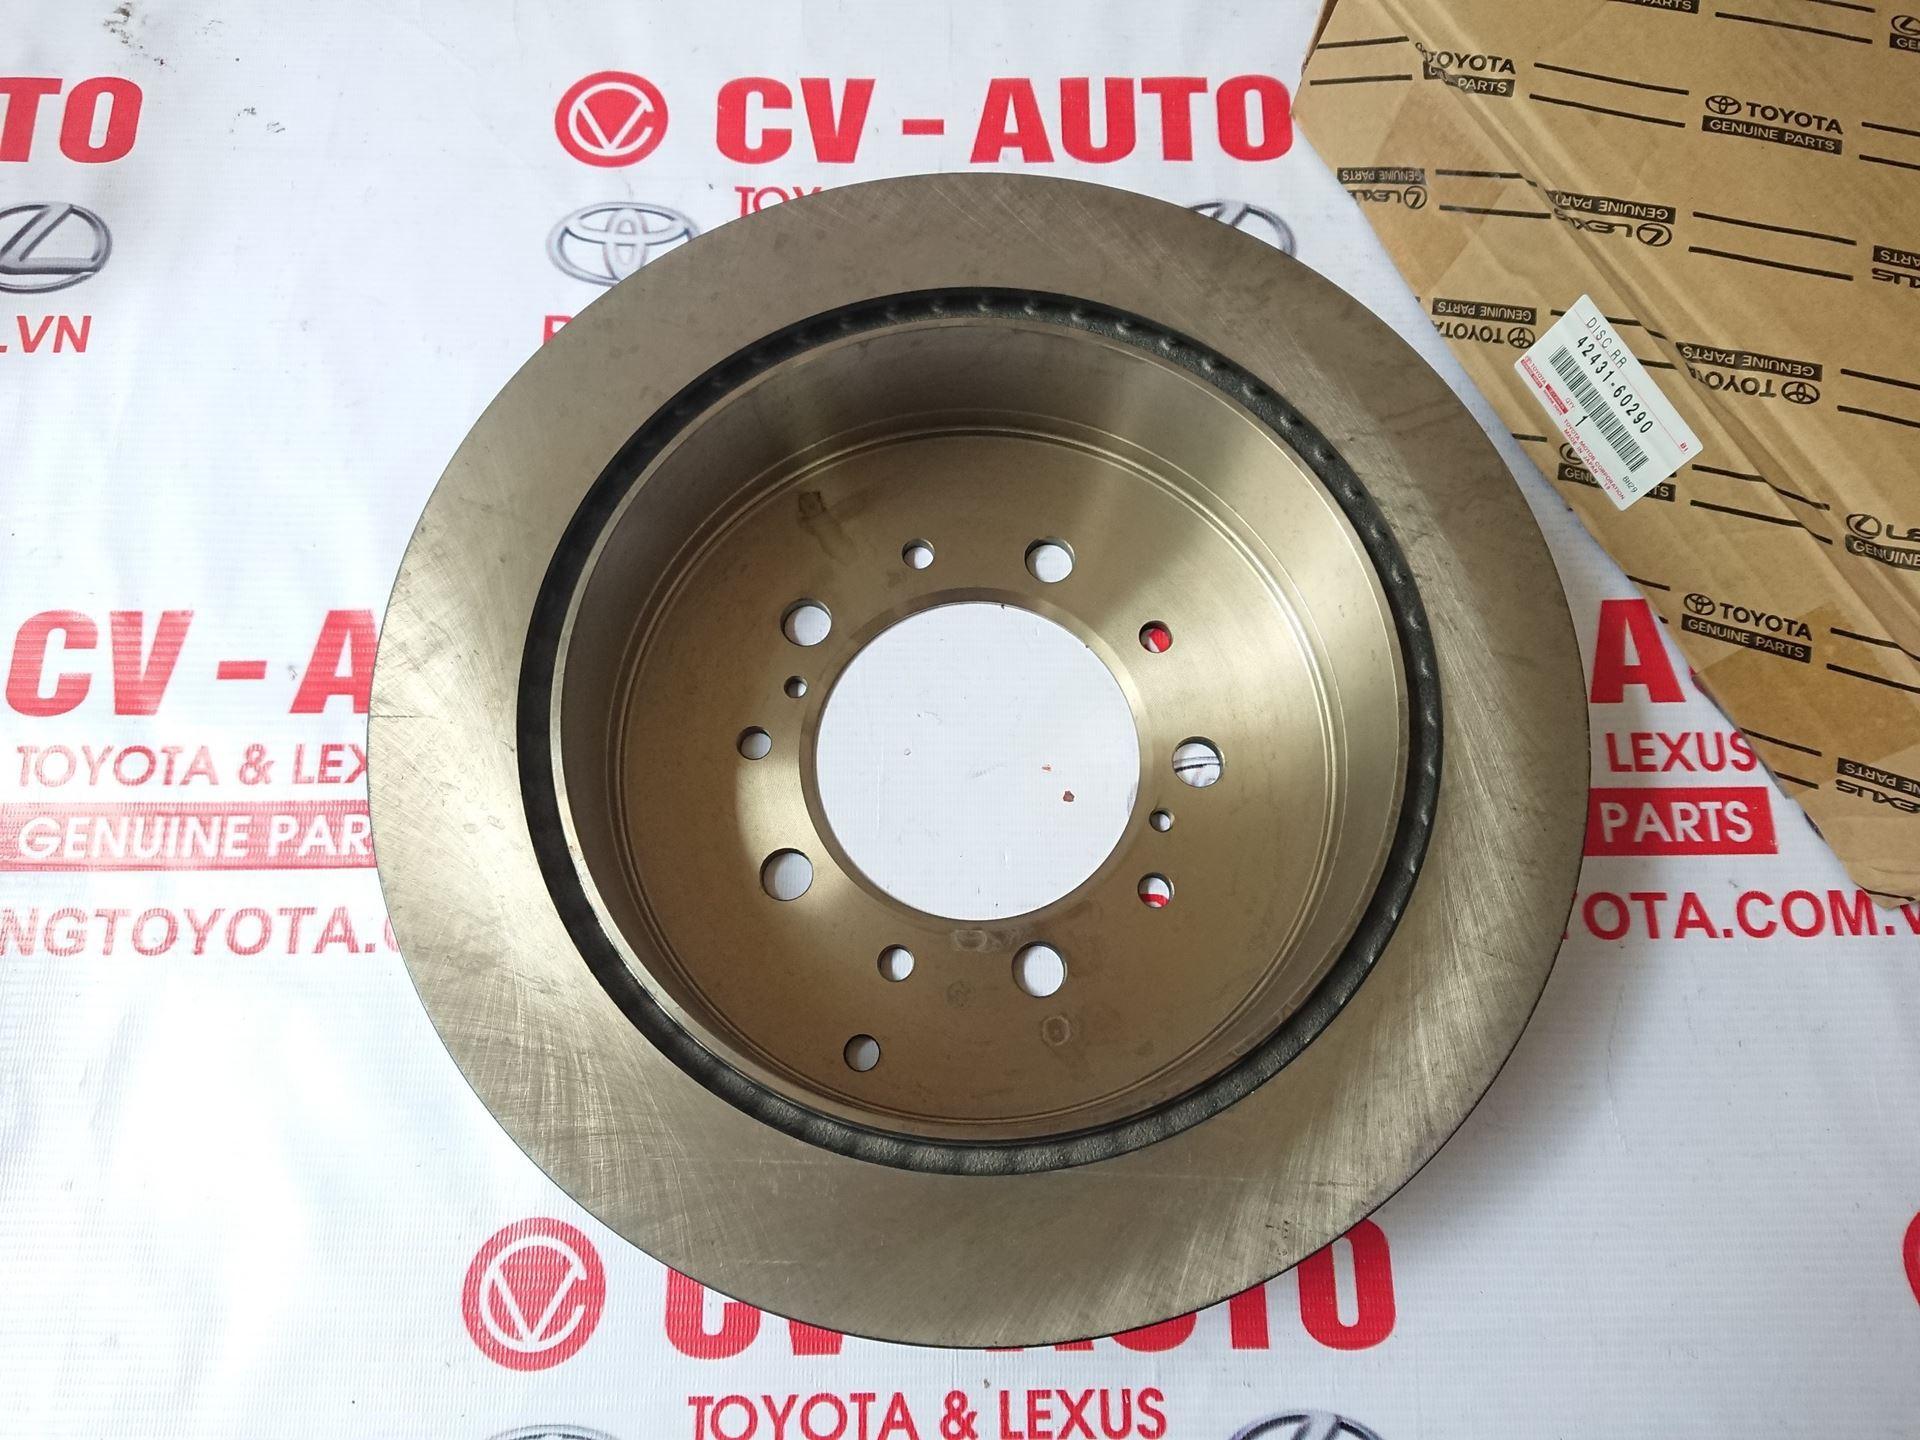 Picture of 42431-60290 Đĩa phanh sau Lexus LX570, Toyota Land Cruiser V8 chính hãng